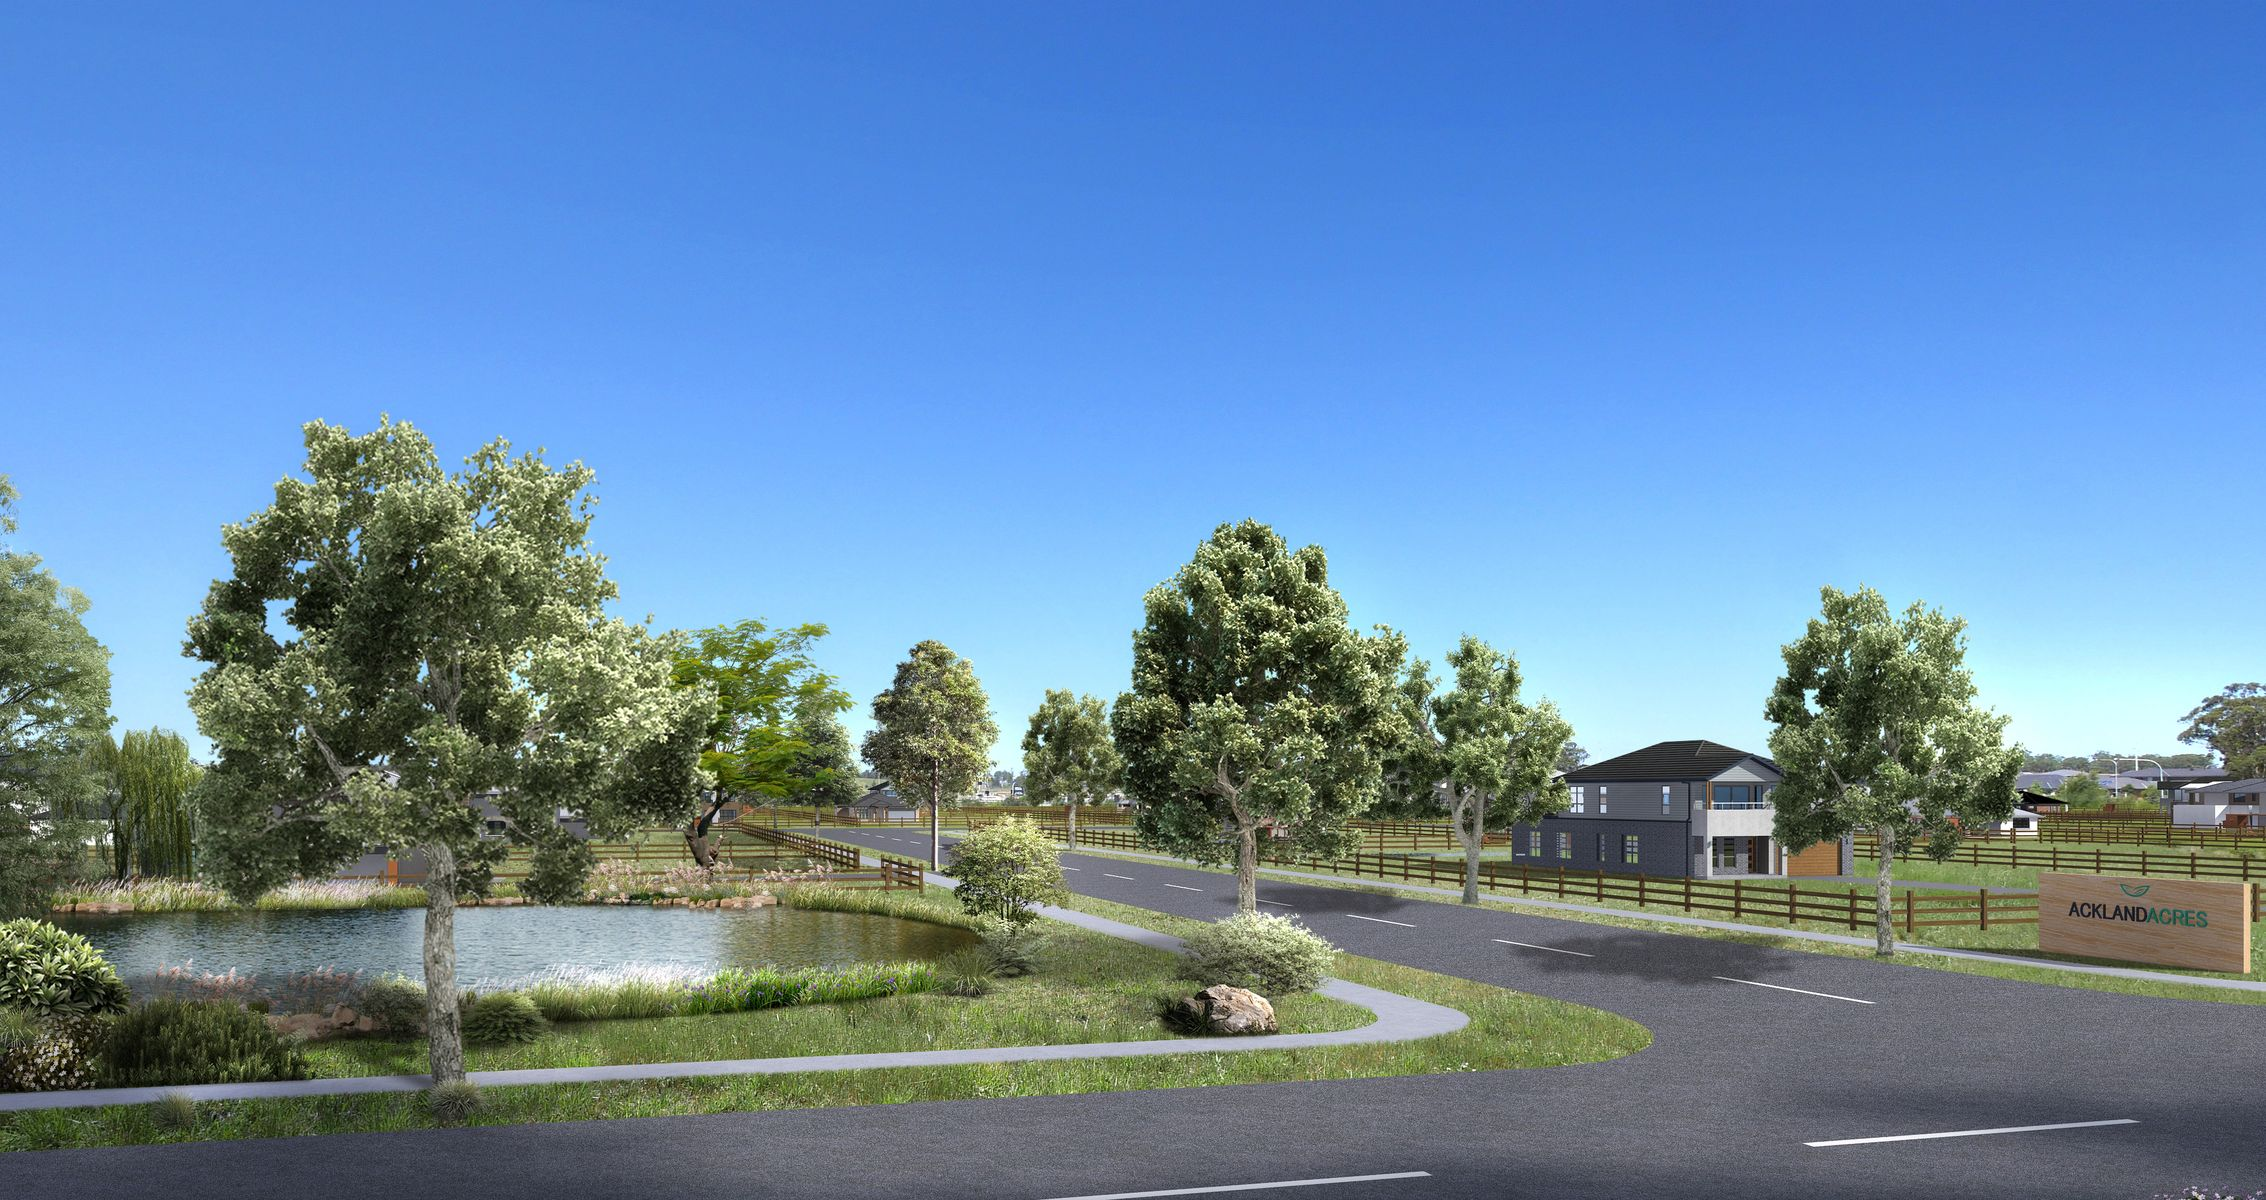 Lot 38 Ackland Acres, Lethbridge, VIC 3332